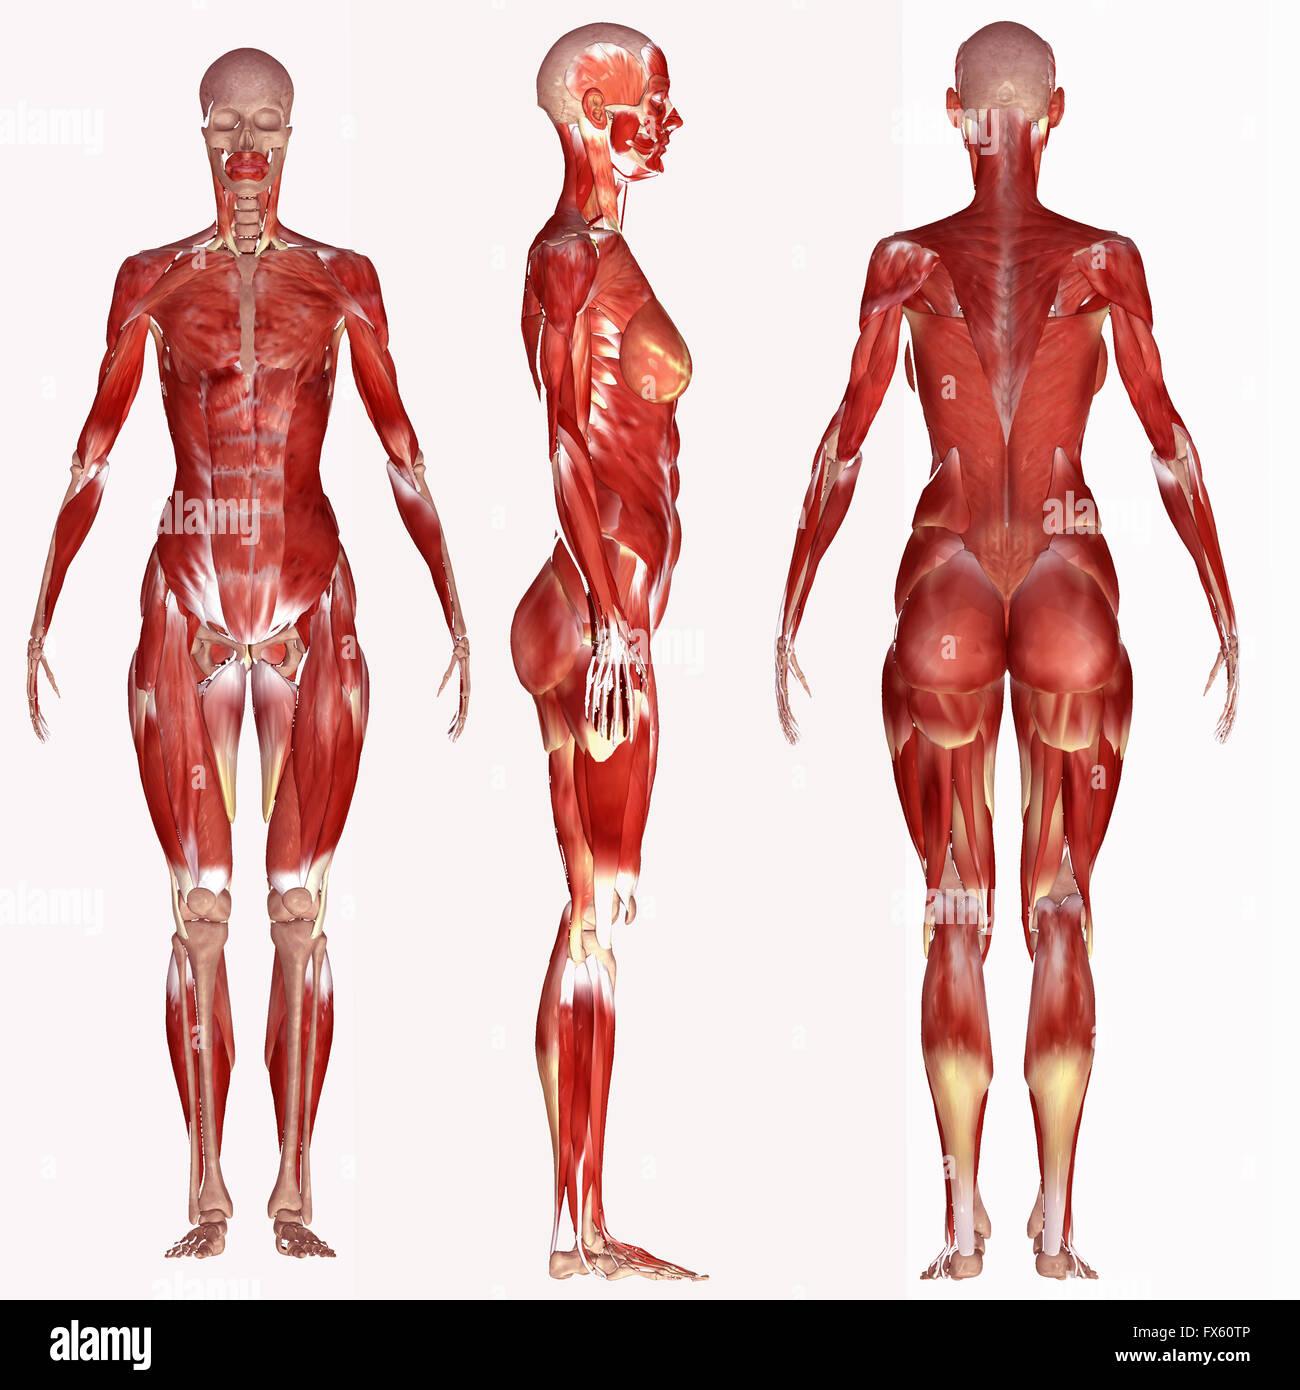 Corps, humain, anatomie, médecine, musculaire, l'homme, de la médecine, de l'illustration, homme, Photo Stock